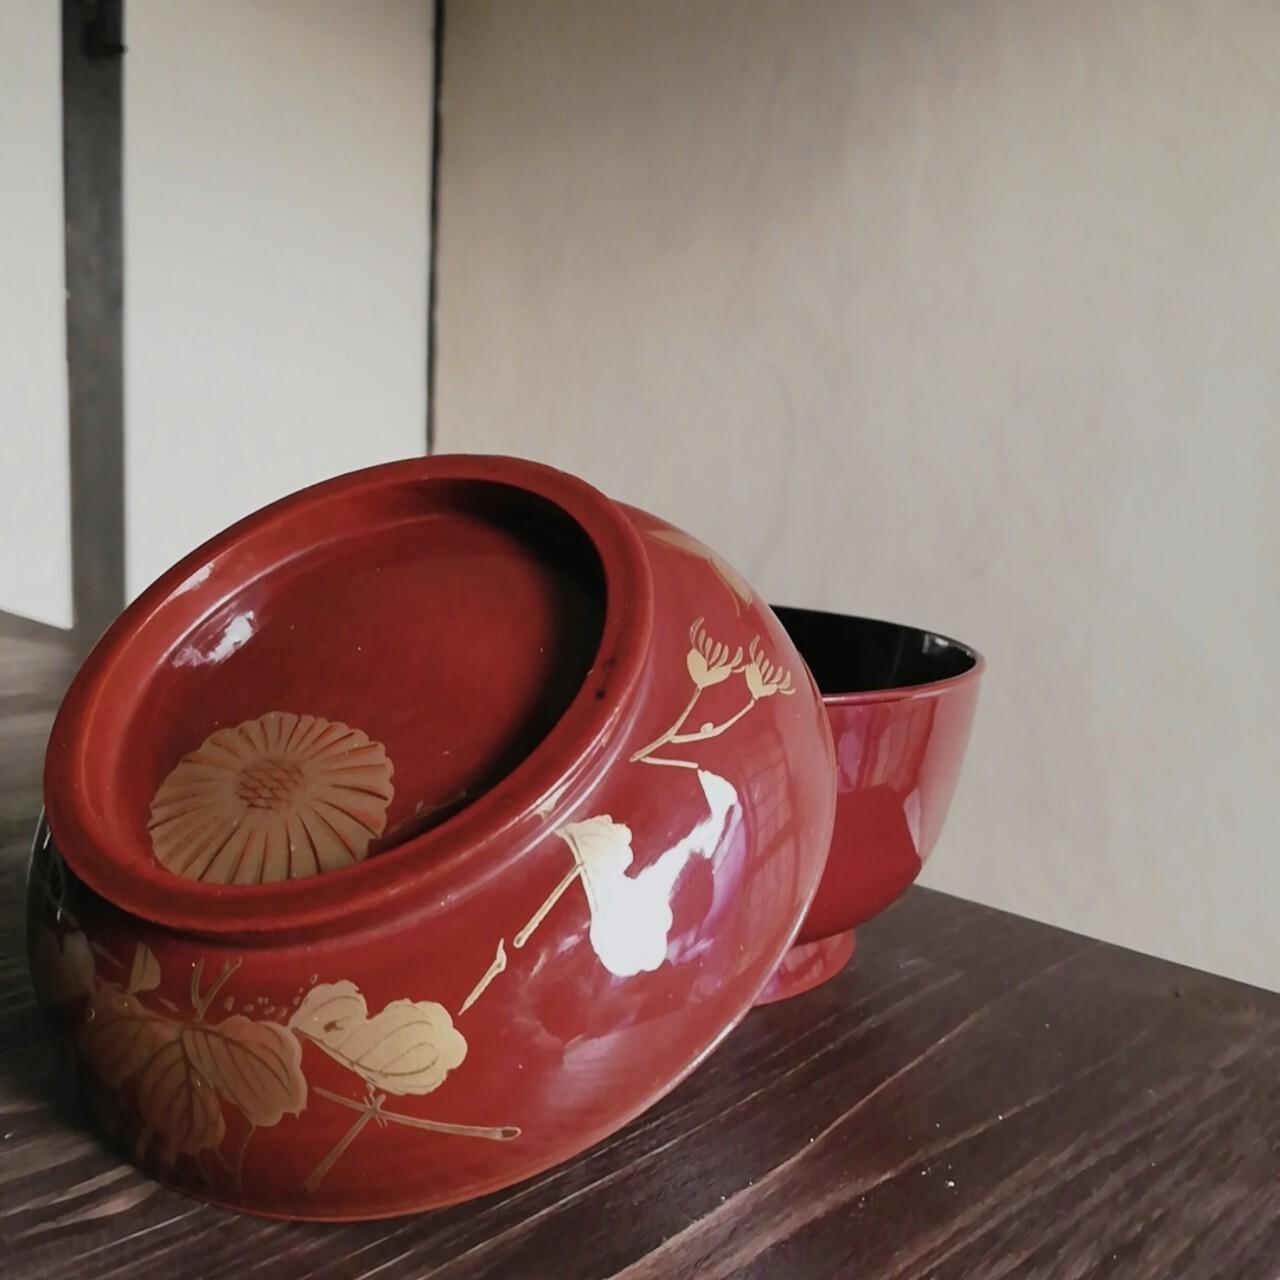 漆塗 菊蝶蒔絵 菓子椀【大正】